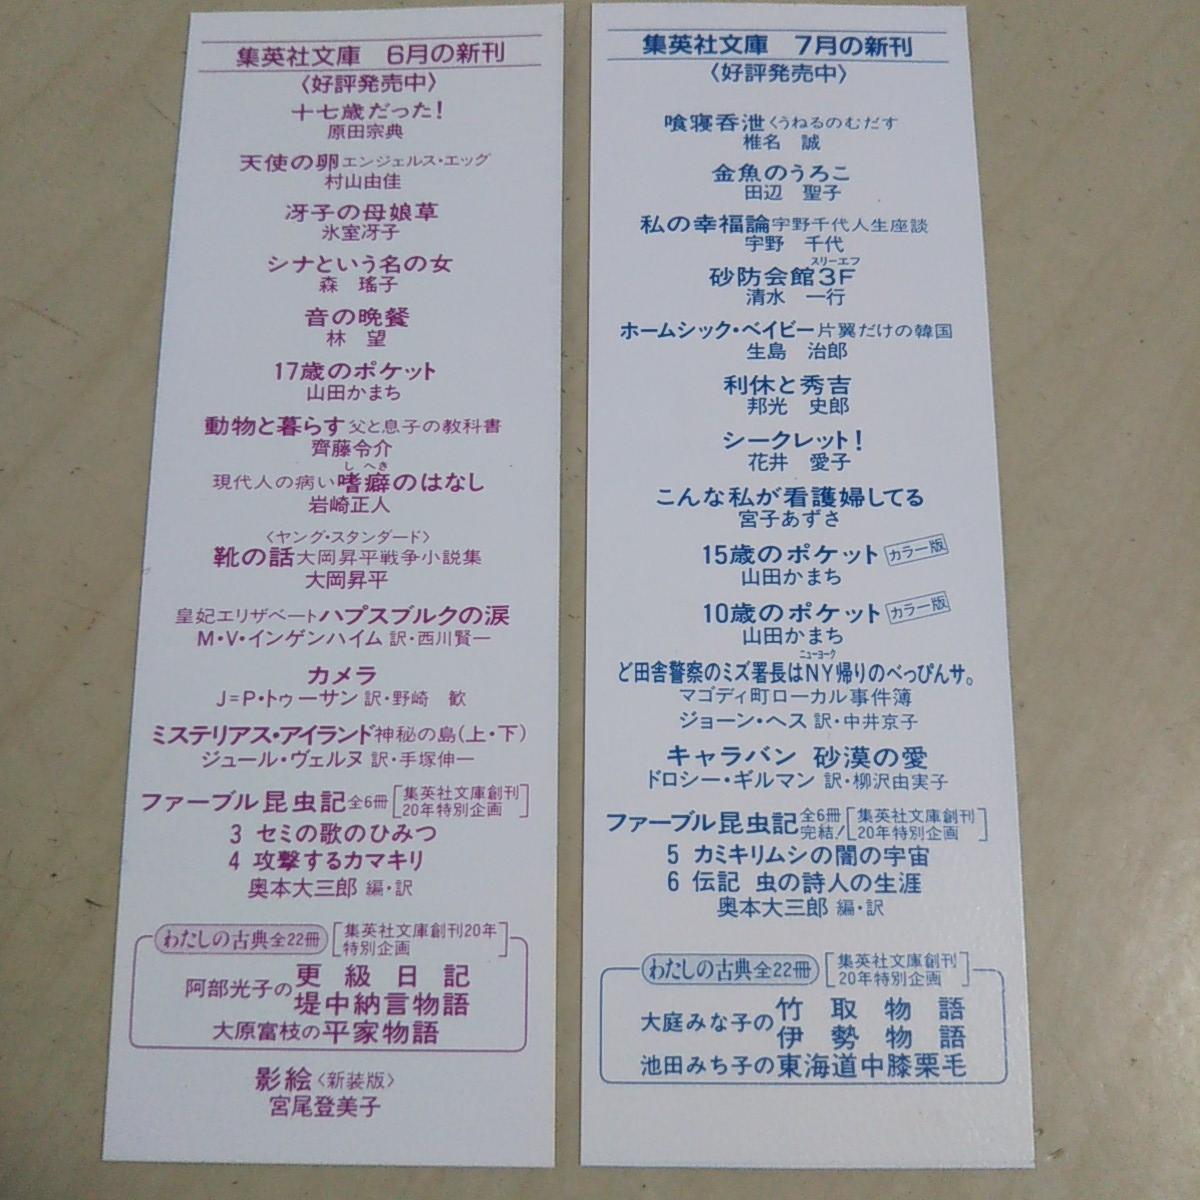 【即決】広末涼子 しおり 栞 2枚セット 集英社文庫 中古 レトロ レア 希少_画像2